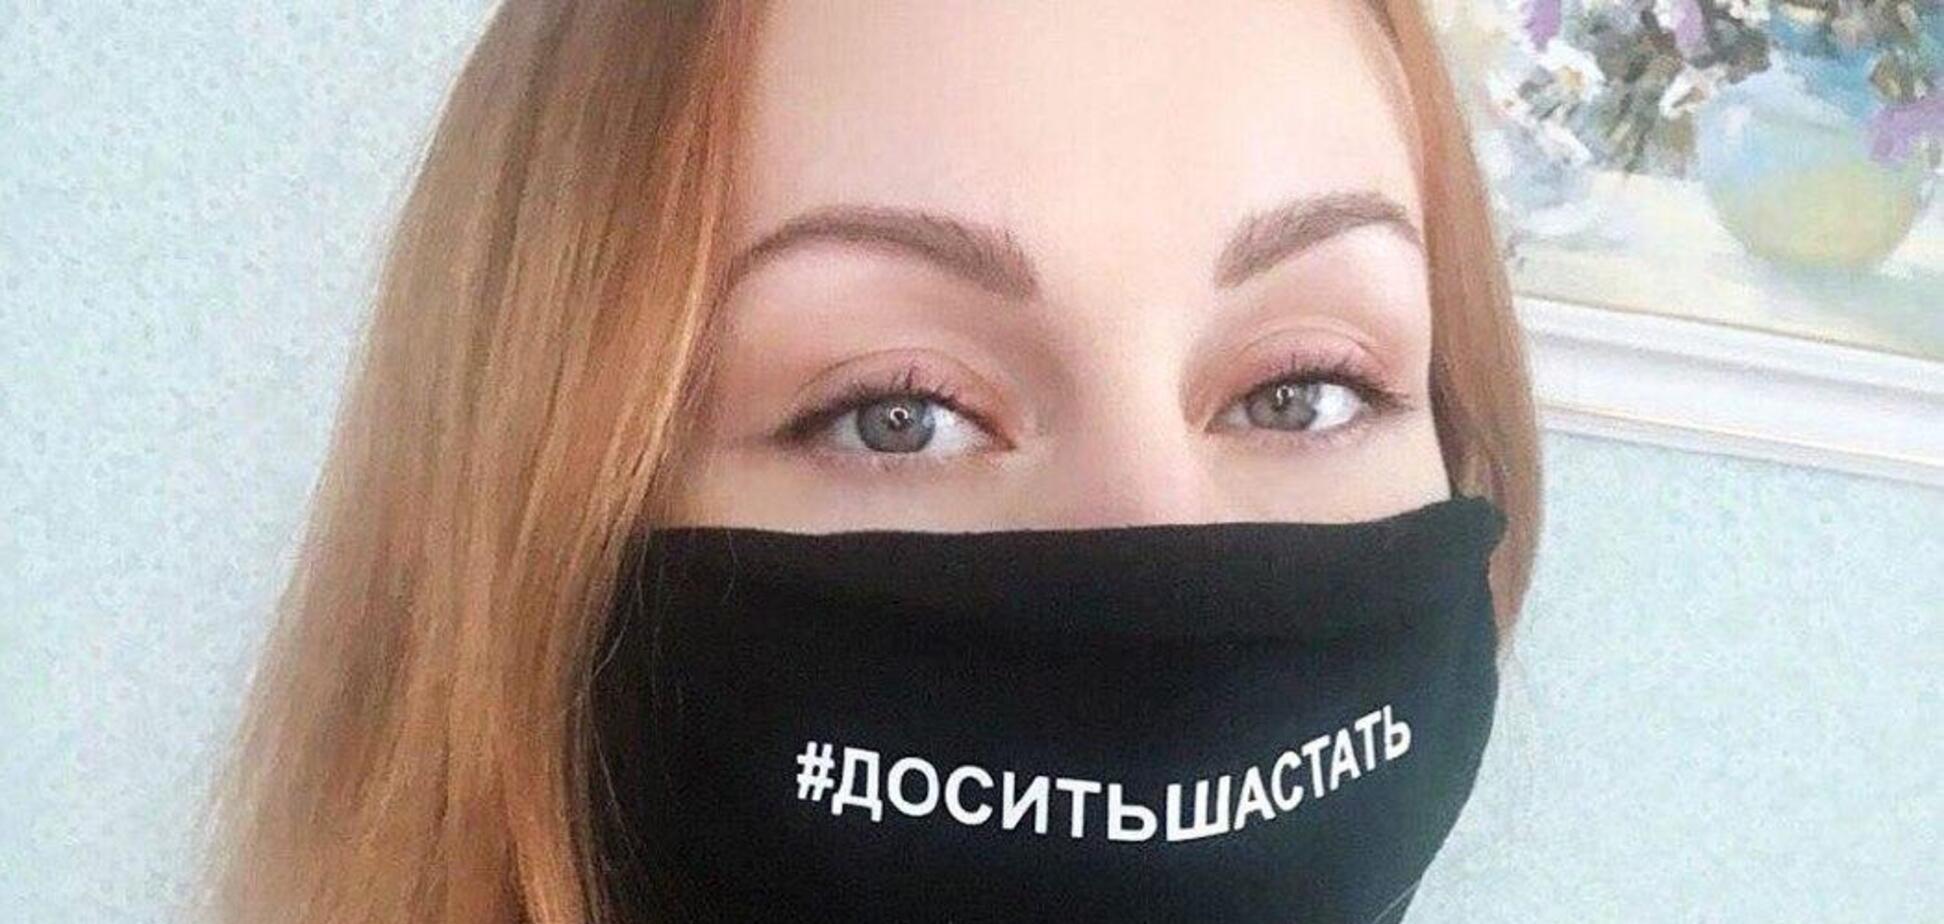 Серед знаменитих українців набирає популярності флеш-моб проти коронавірусу